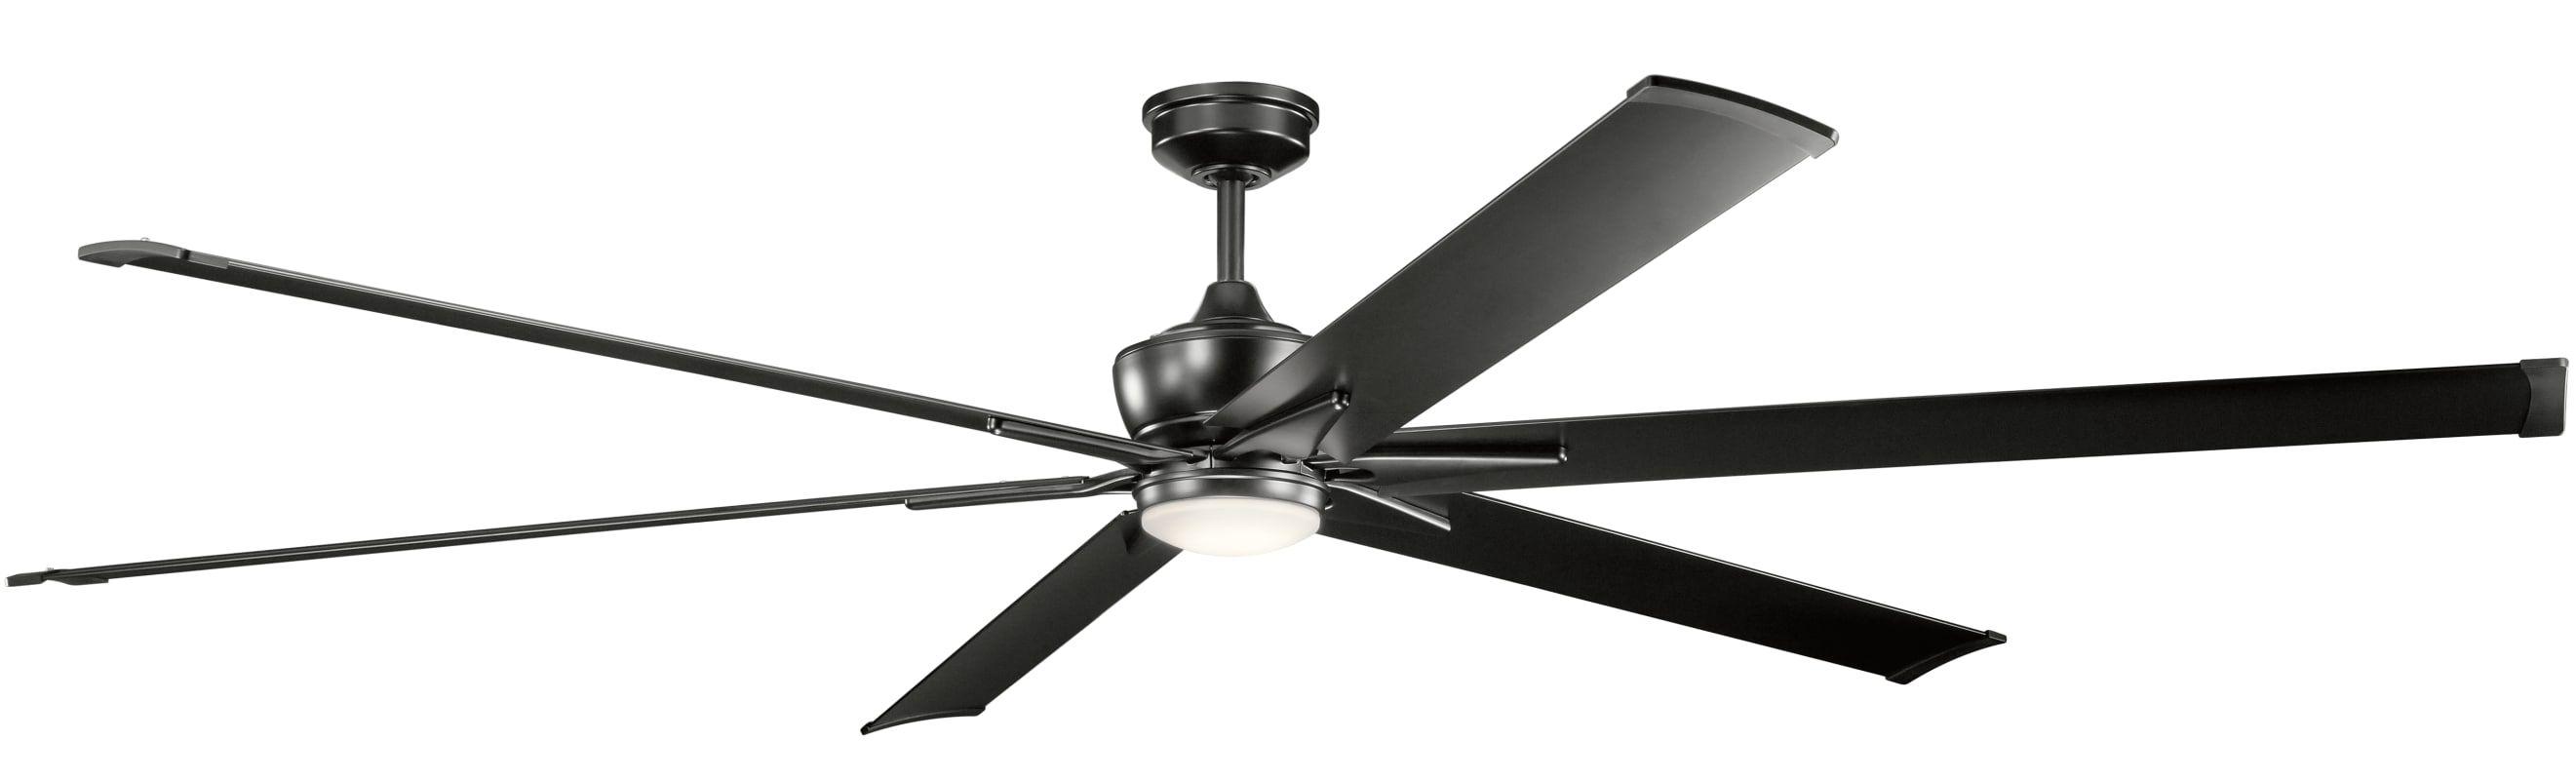 """Kichler Szeplo II 96"""" Indoor Outdoor Ceiling Fan with"""